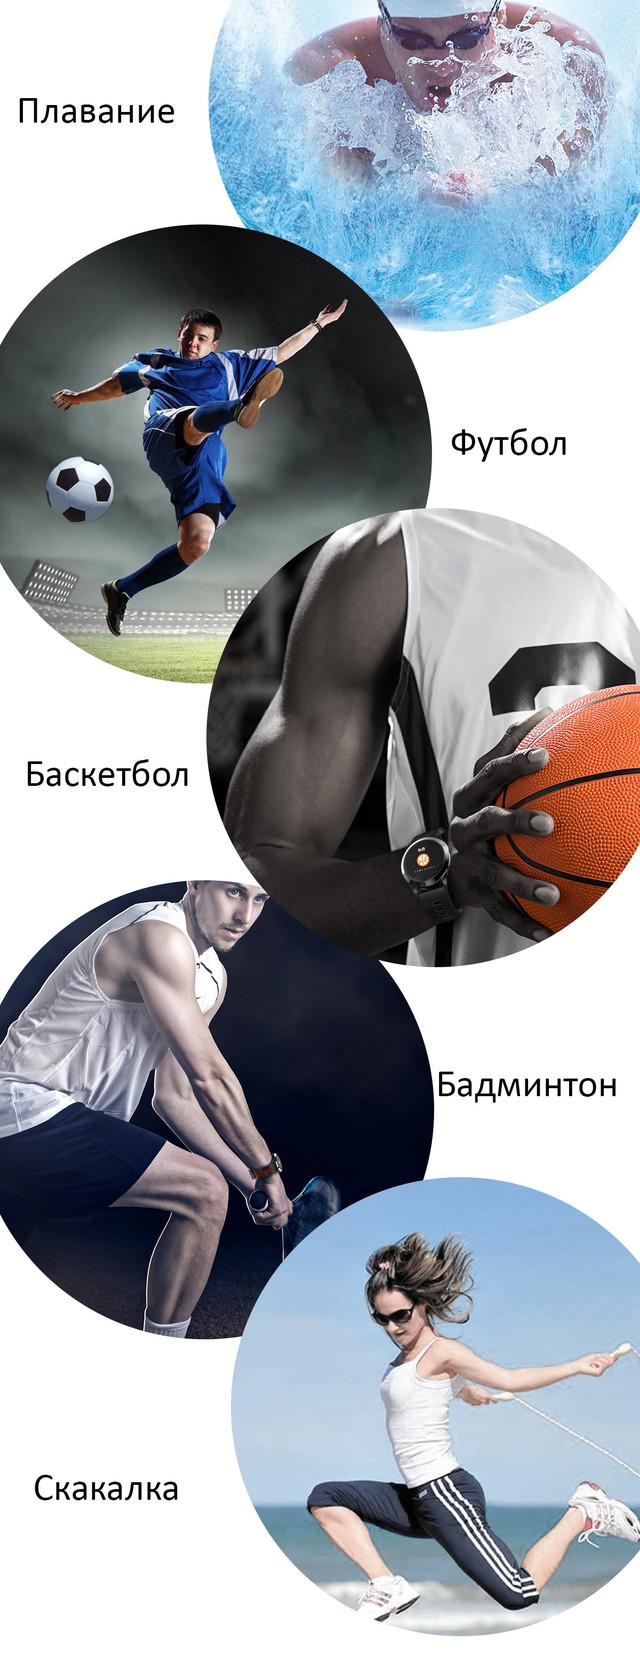 водонепроницаемый фитнес браслет для спорта и повседневной активности R15